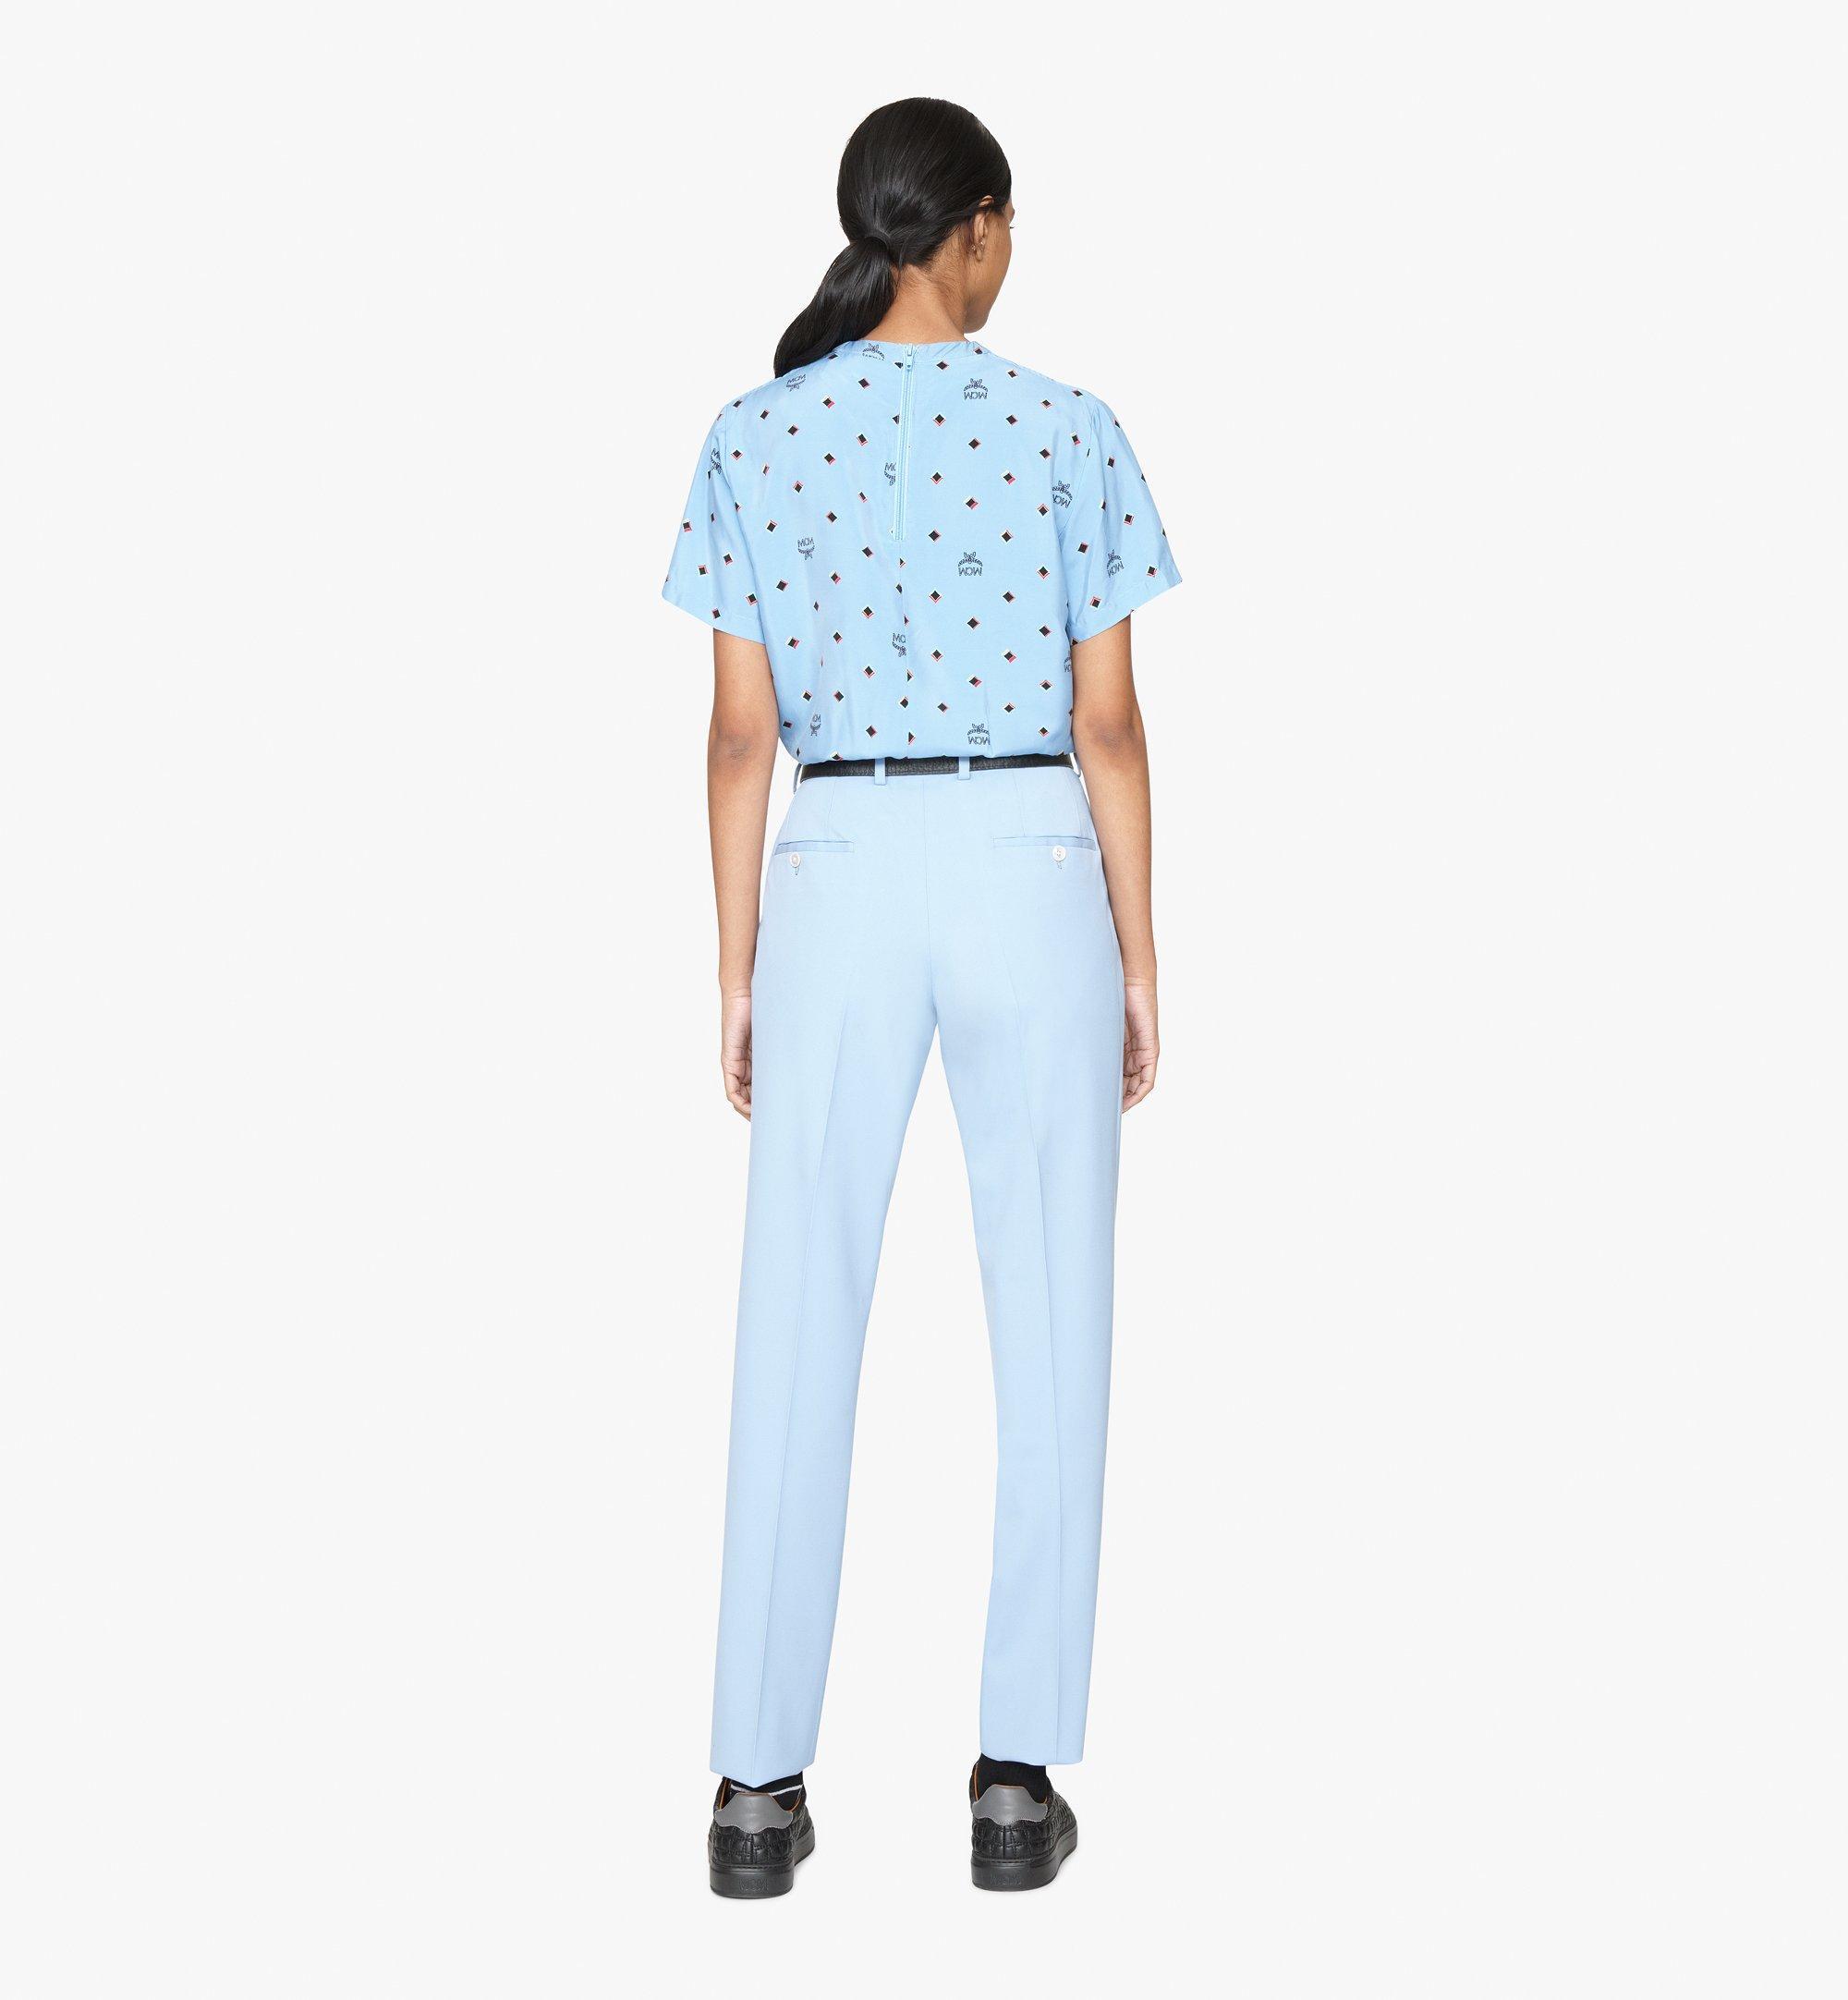 MCM 〈MCM 1976〉ウィメンズ ディスコ ダイヤモンドプリント Tシャツ  MFTASMV05H200M Alternate View 4